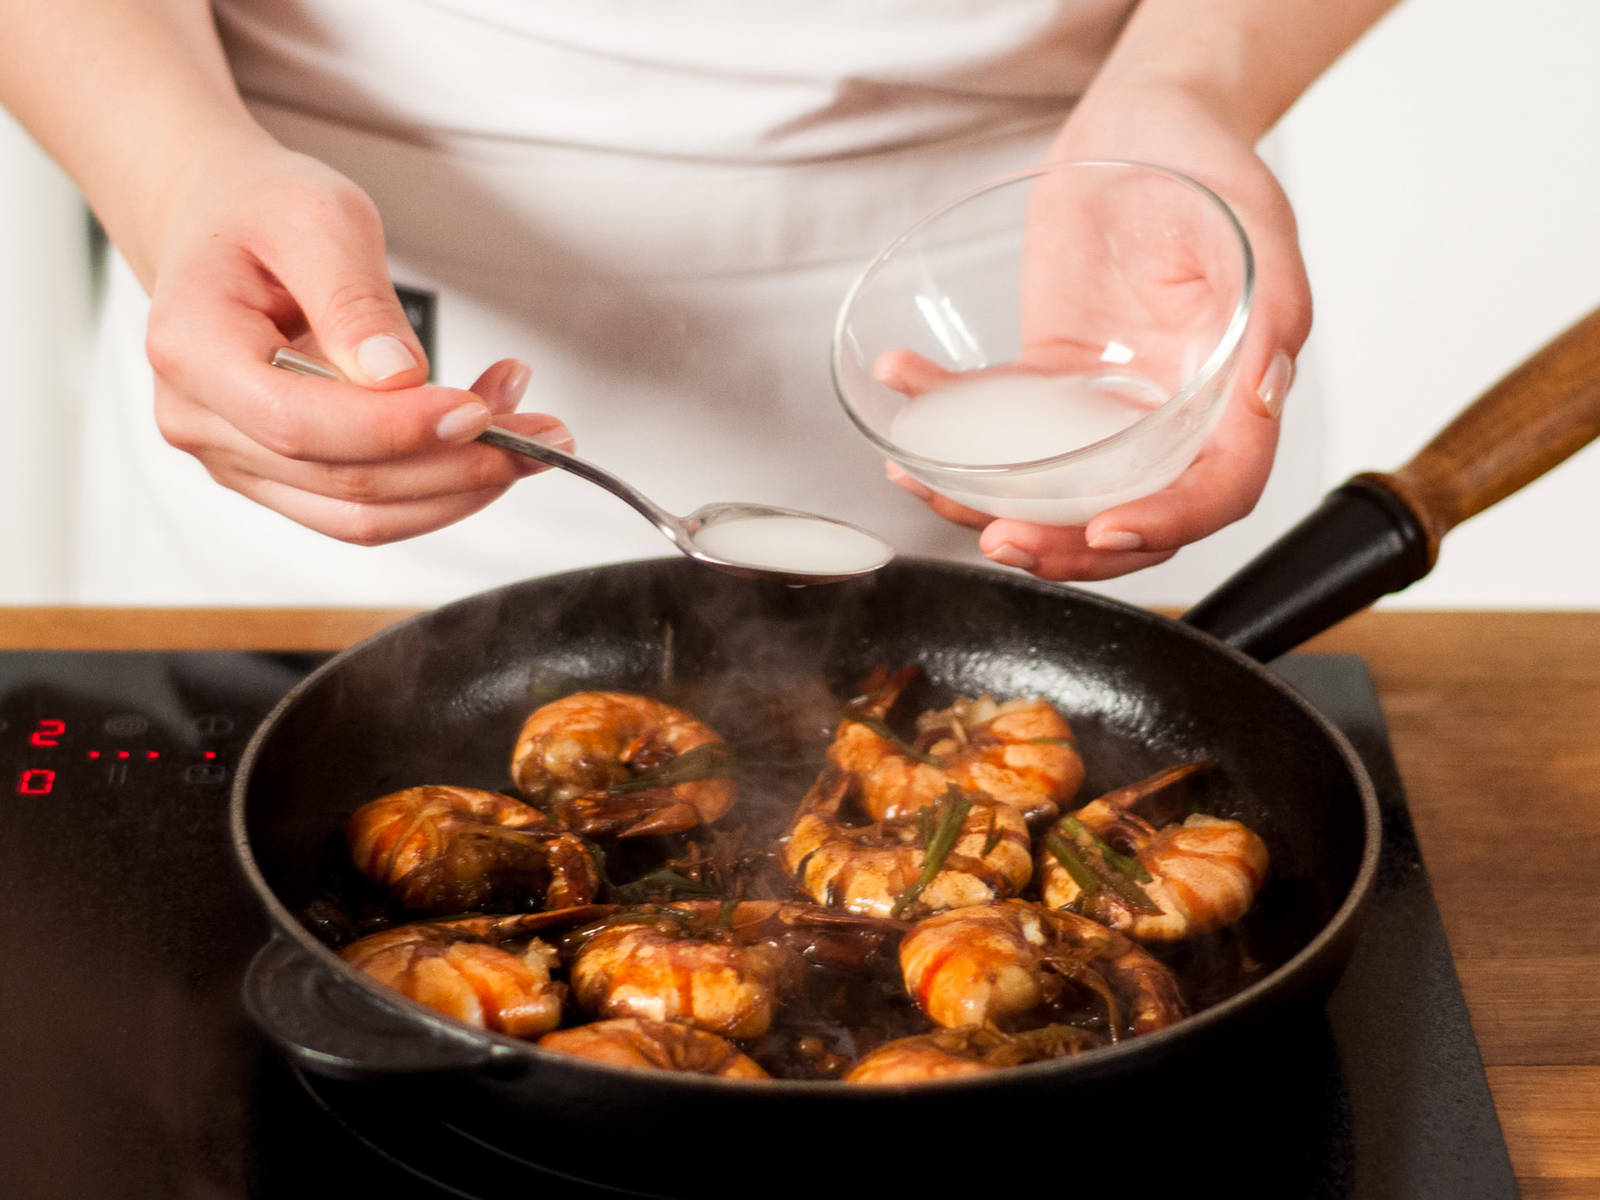 将土豆淀粉与水搅拌均匀,加入锅中勾芡。待汤汁沸腾后立即熄火。盛入盘中即可享用!